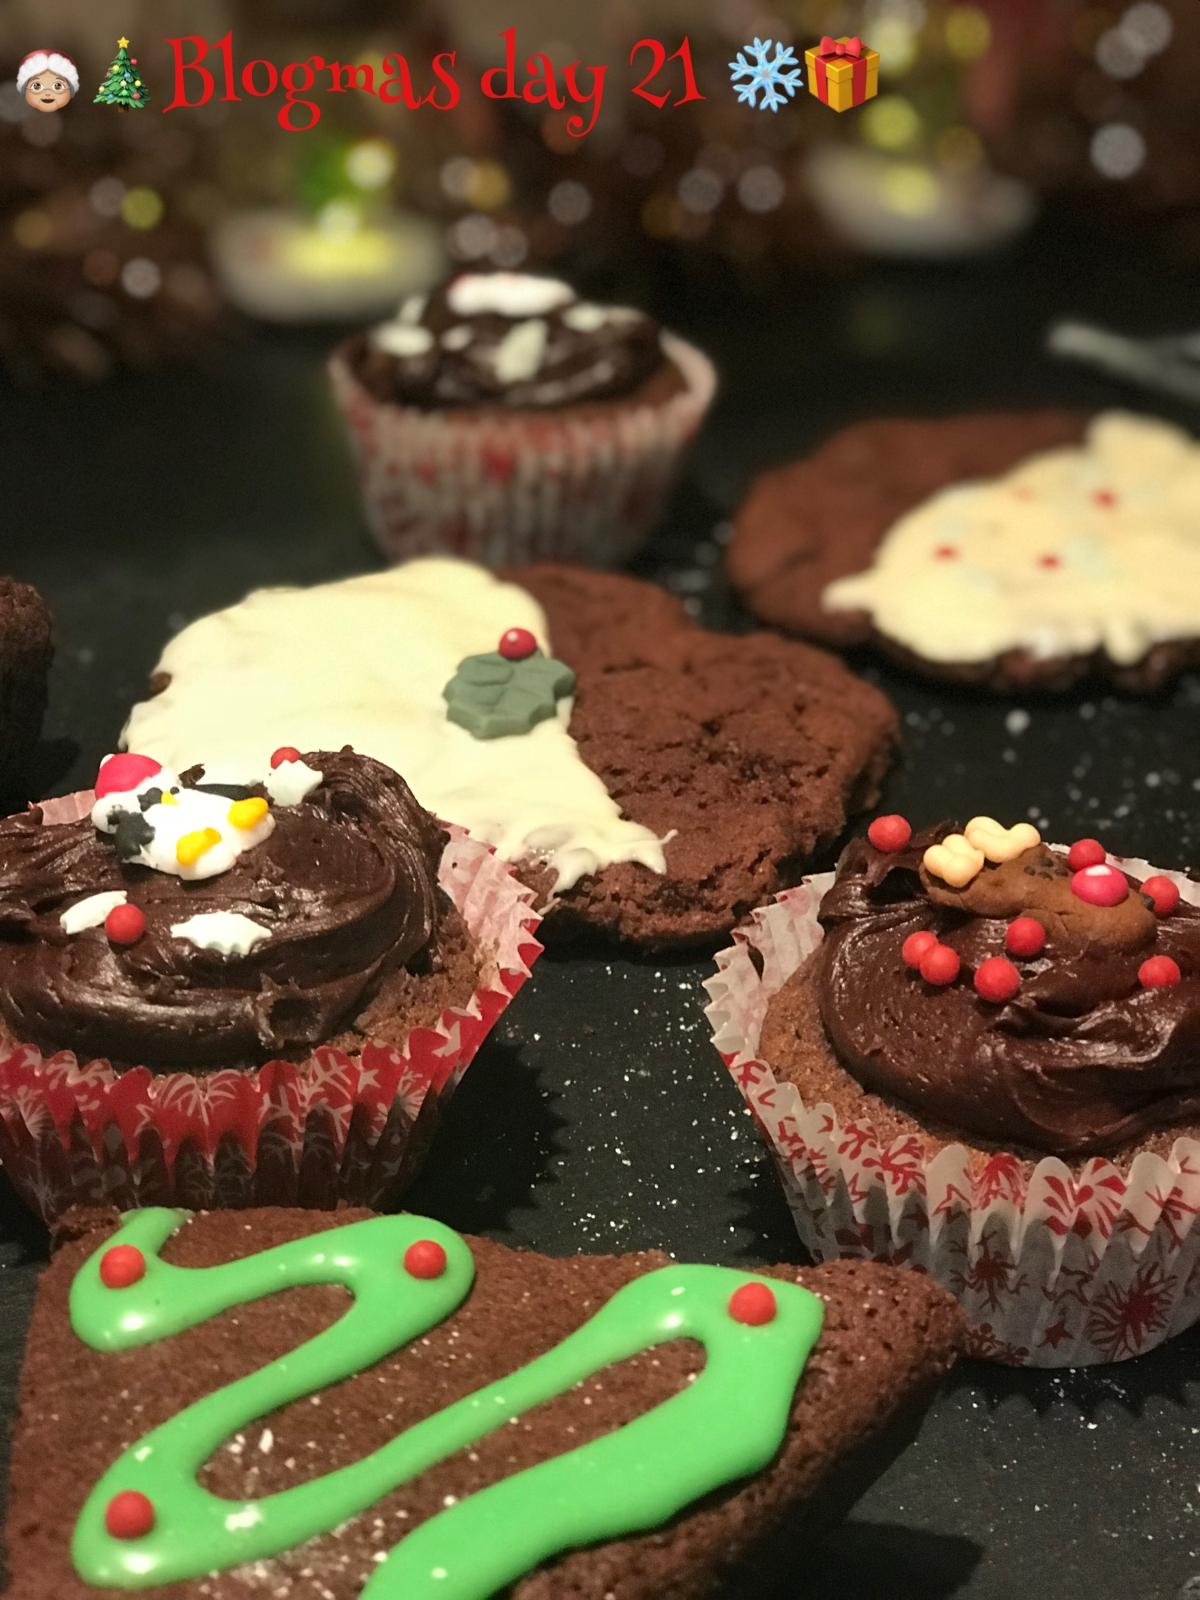 Festive treats   Blogmas day21